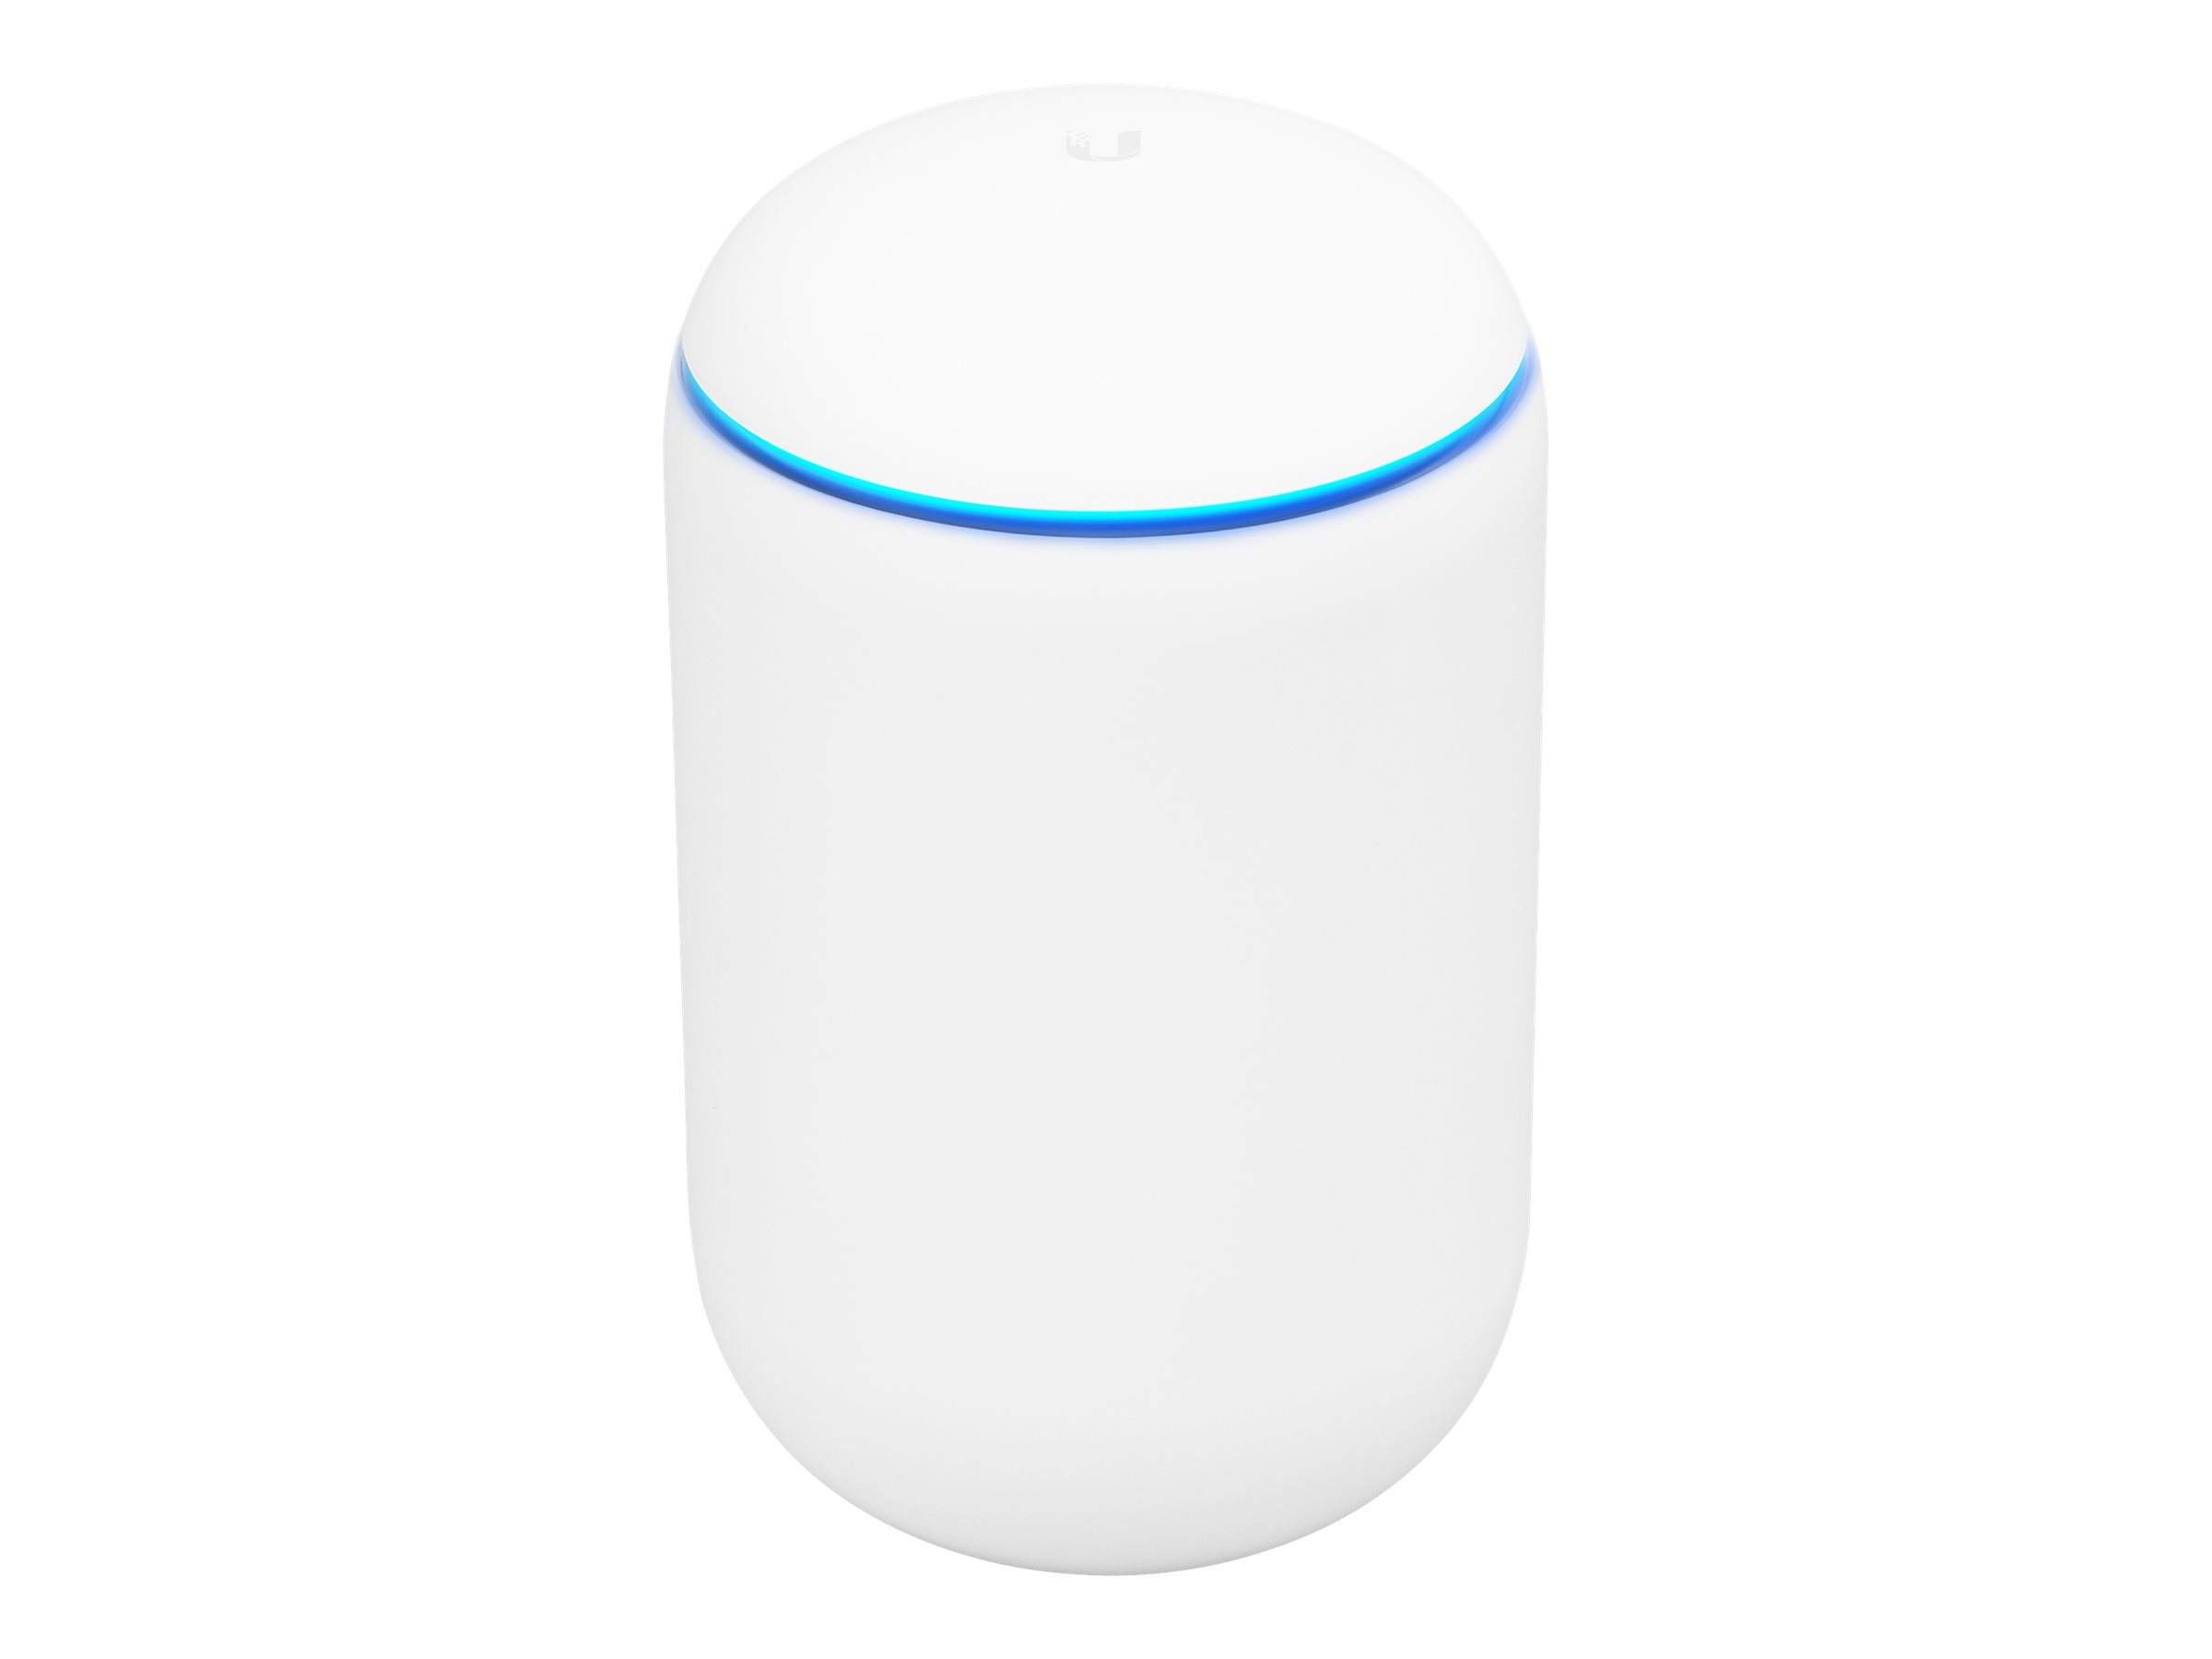 Ubiquiti UniFi Dream Machine - wireless router - 802.11a/b/g/n/ac Wave 2 - desktop